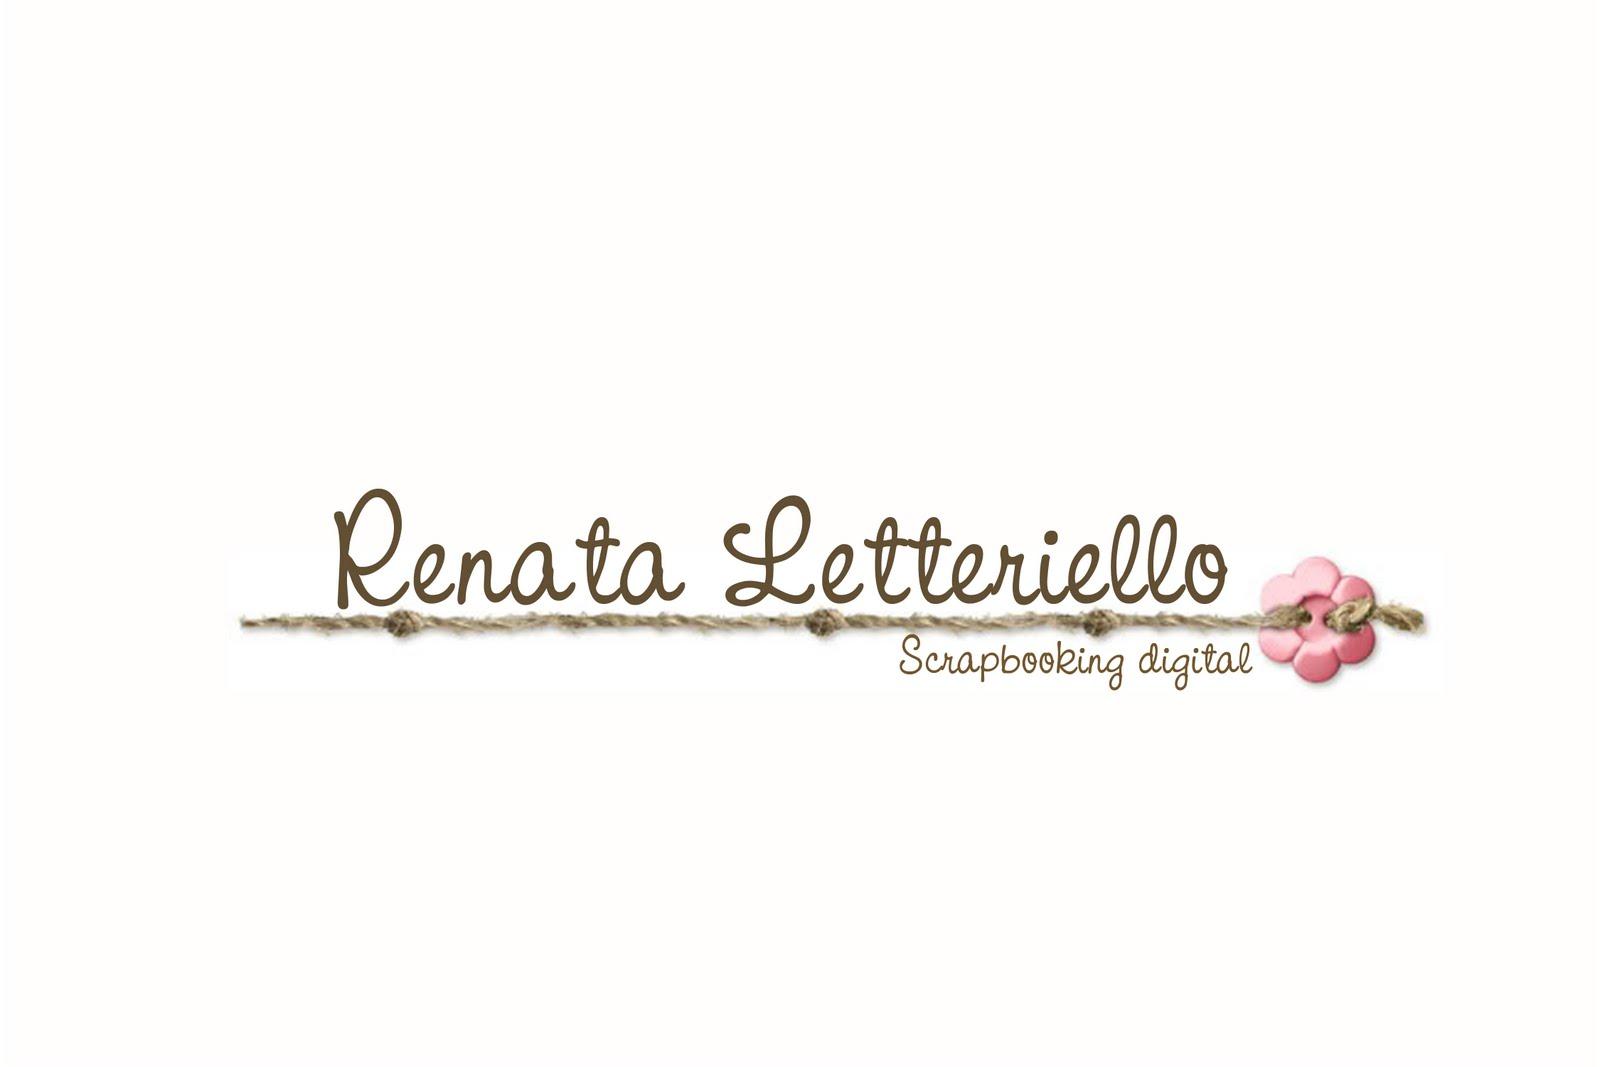 Renata Letteriello